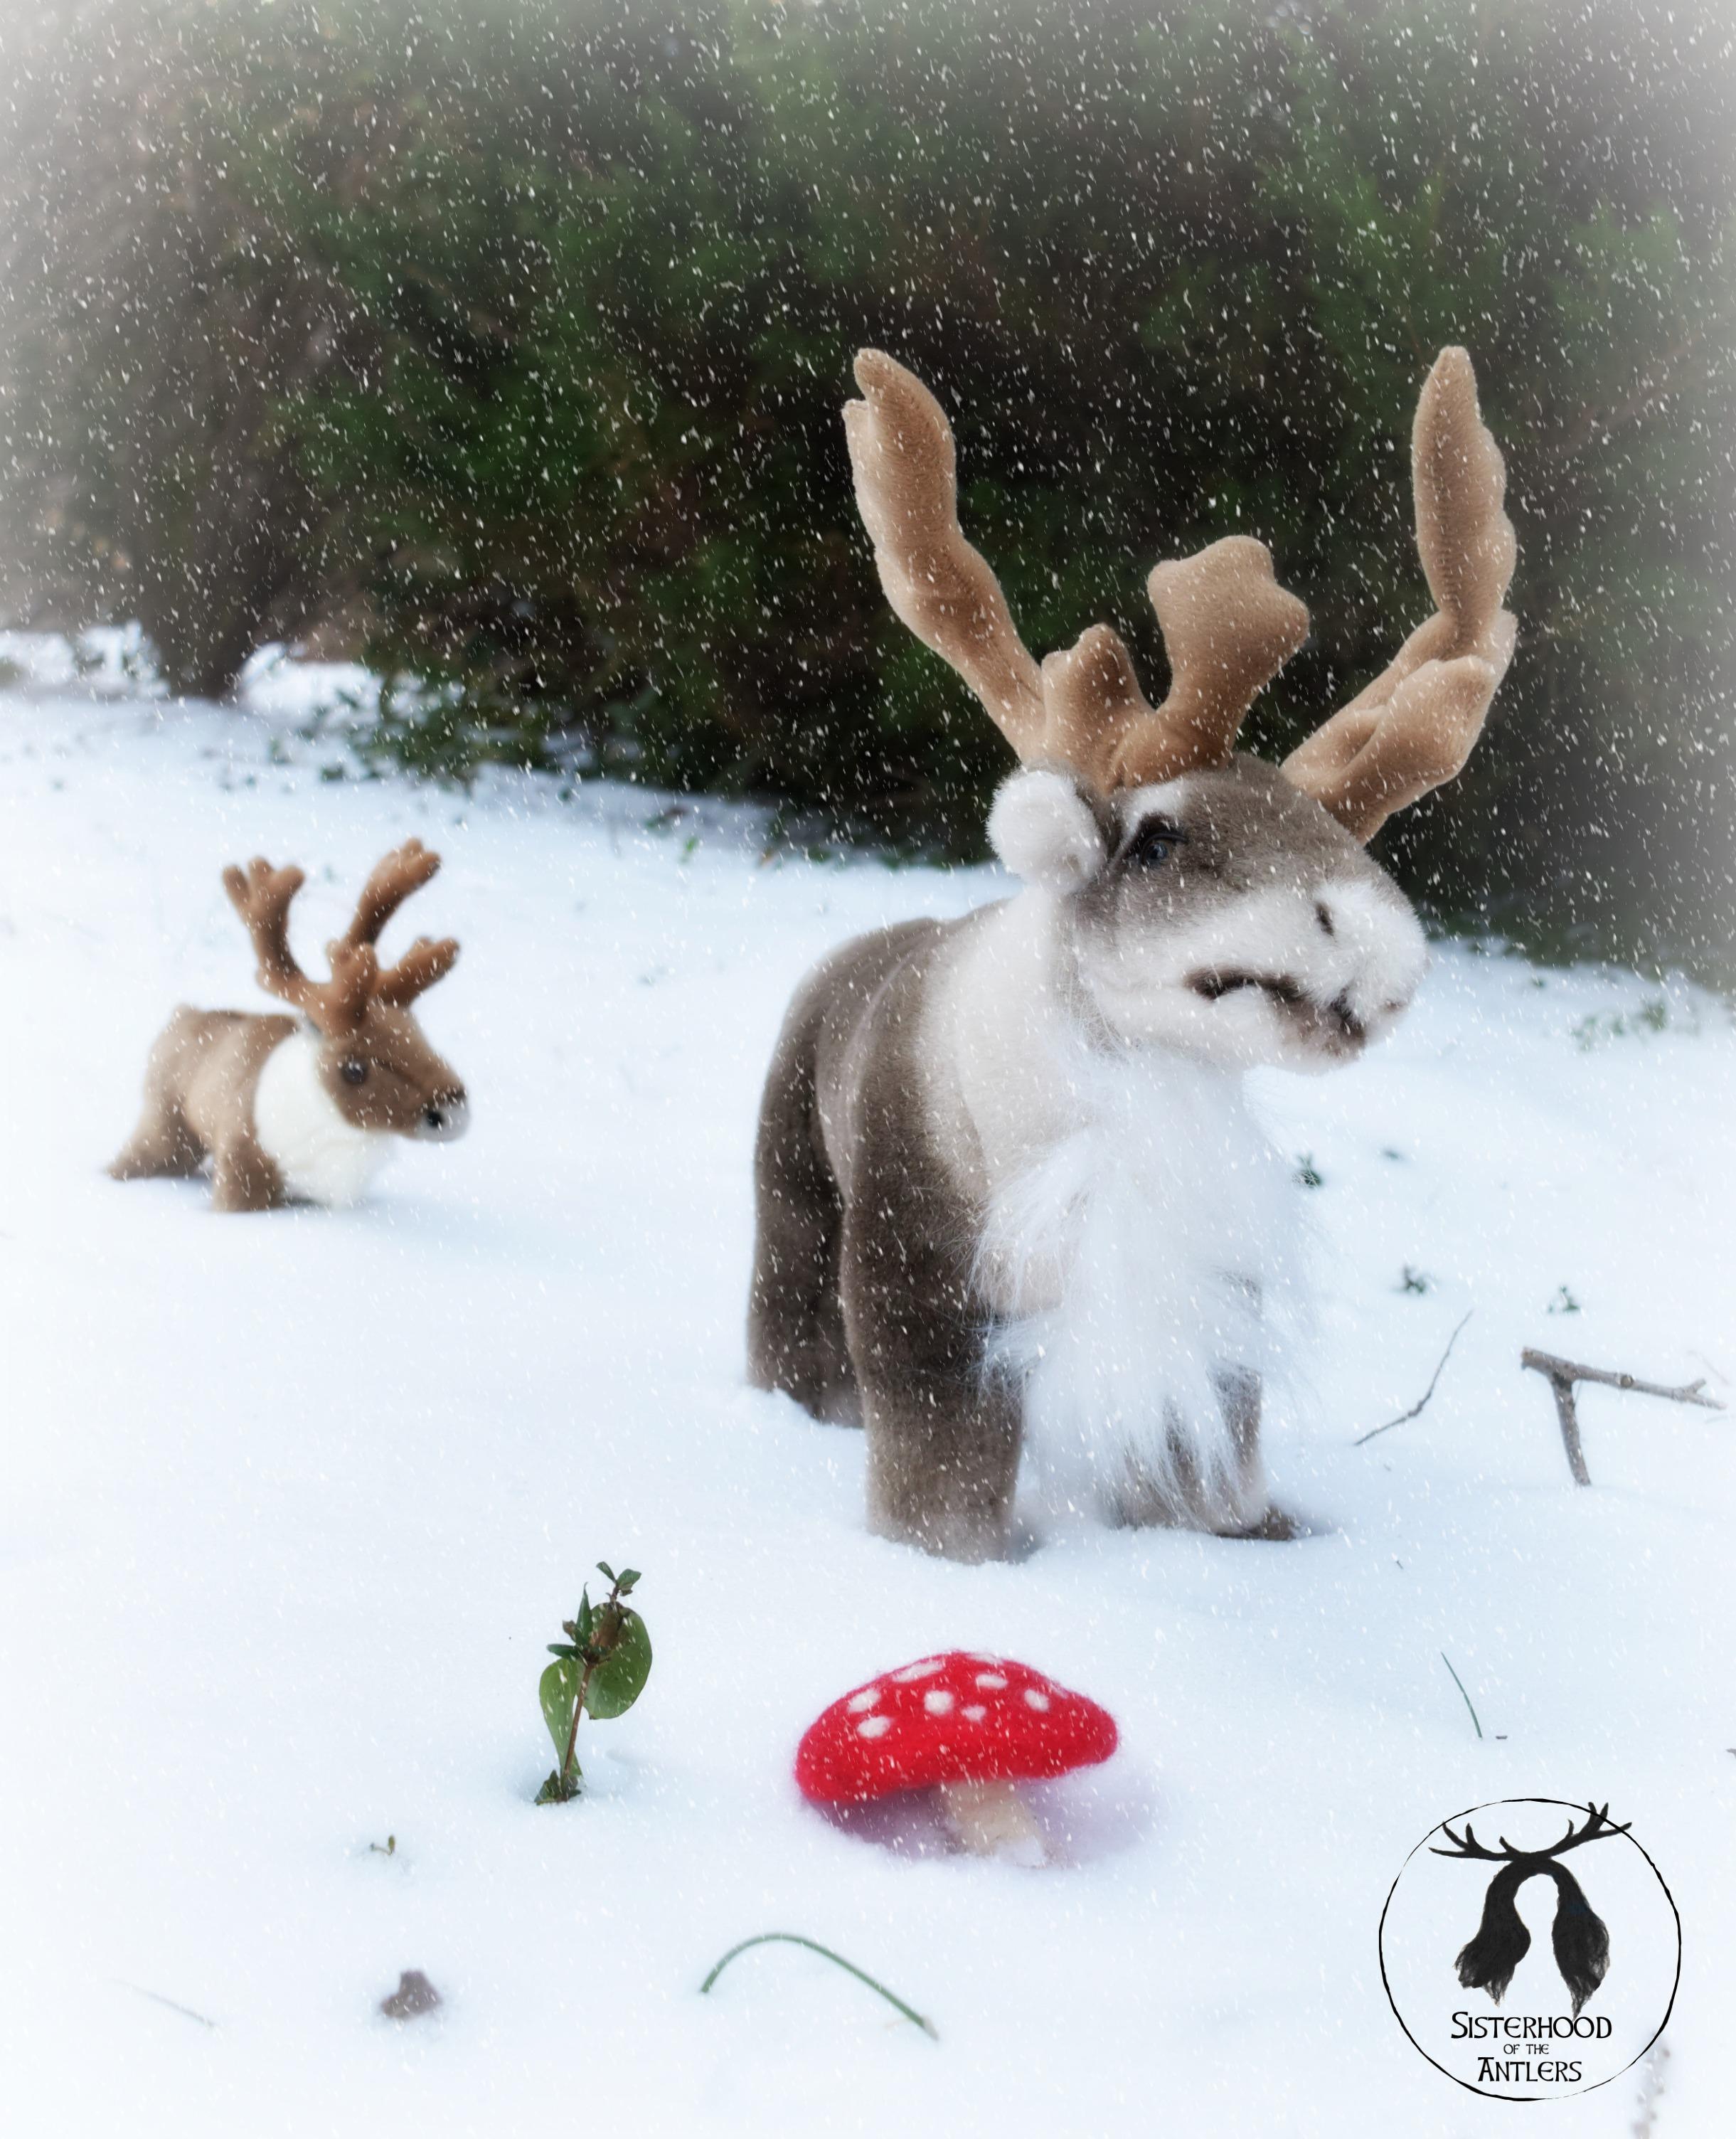 The Sisterhood of the Antlers Reindeer Herd!